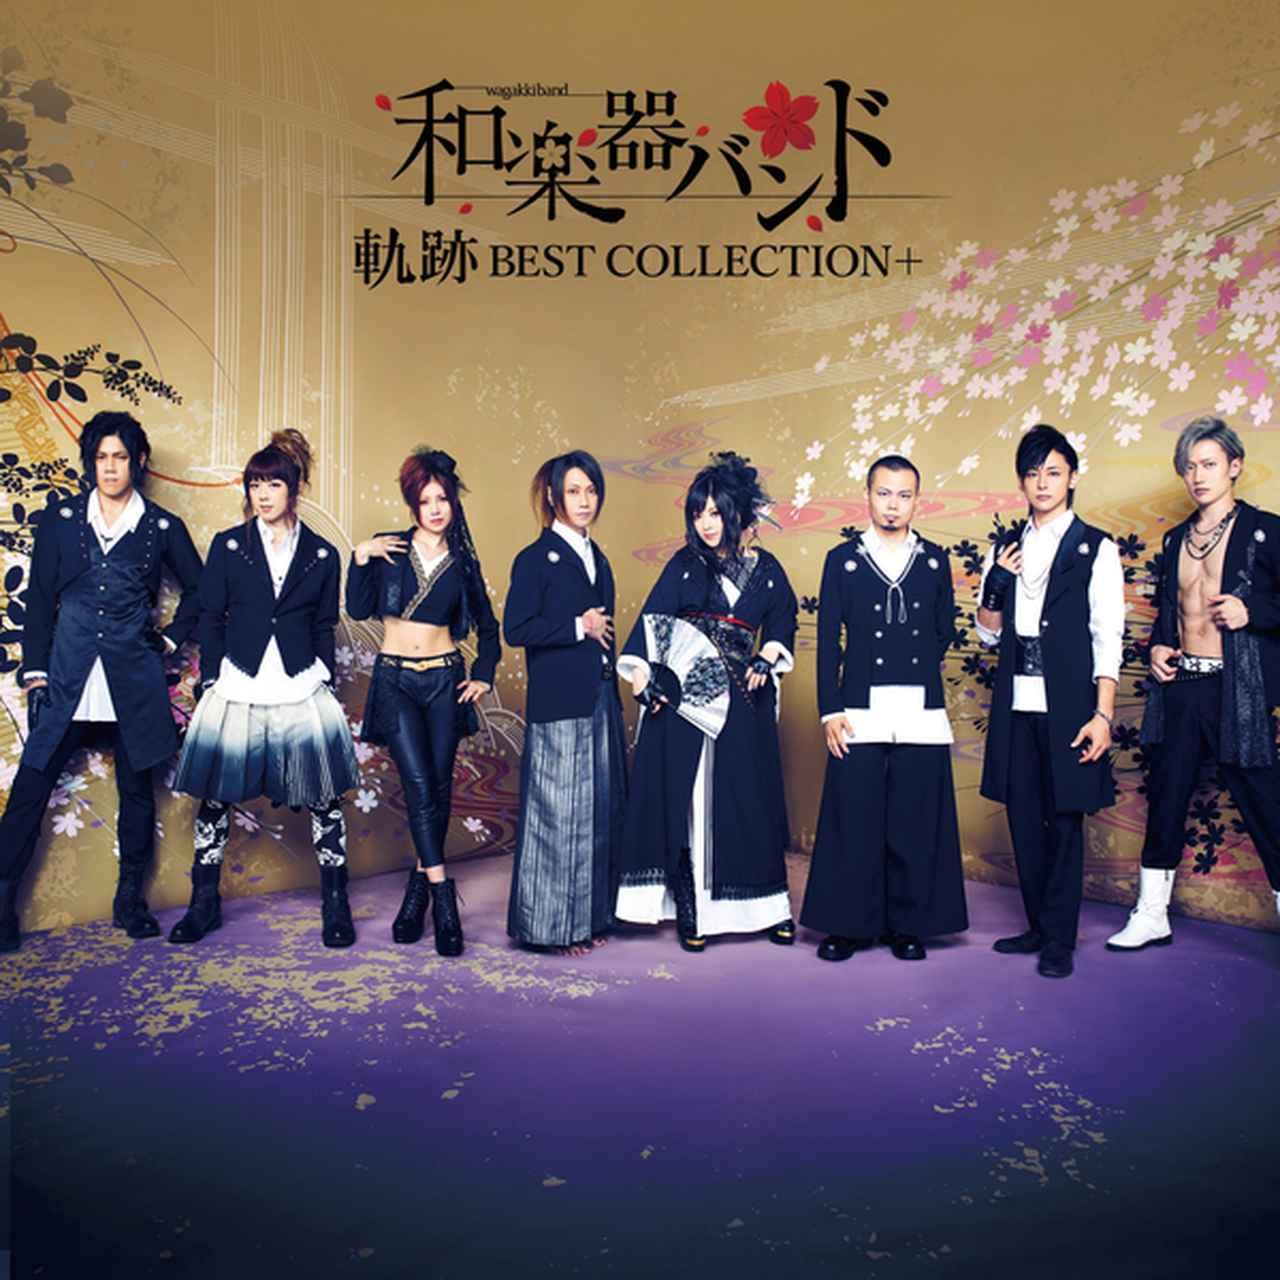 画像: 軌跡 BEST COLLECTION+ / 和楽器バンド on OTOTOY Music Store